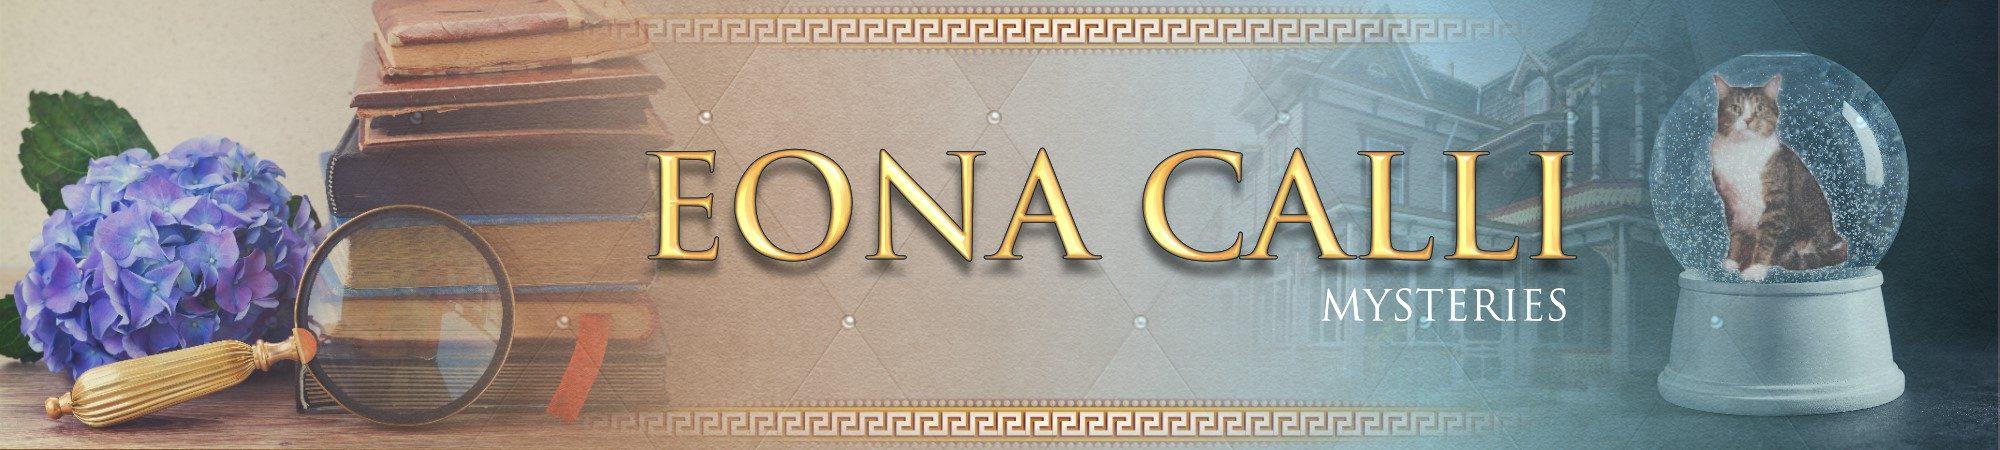 Eona Calli